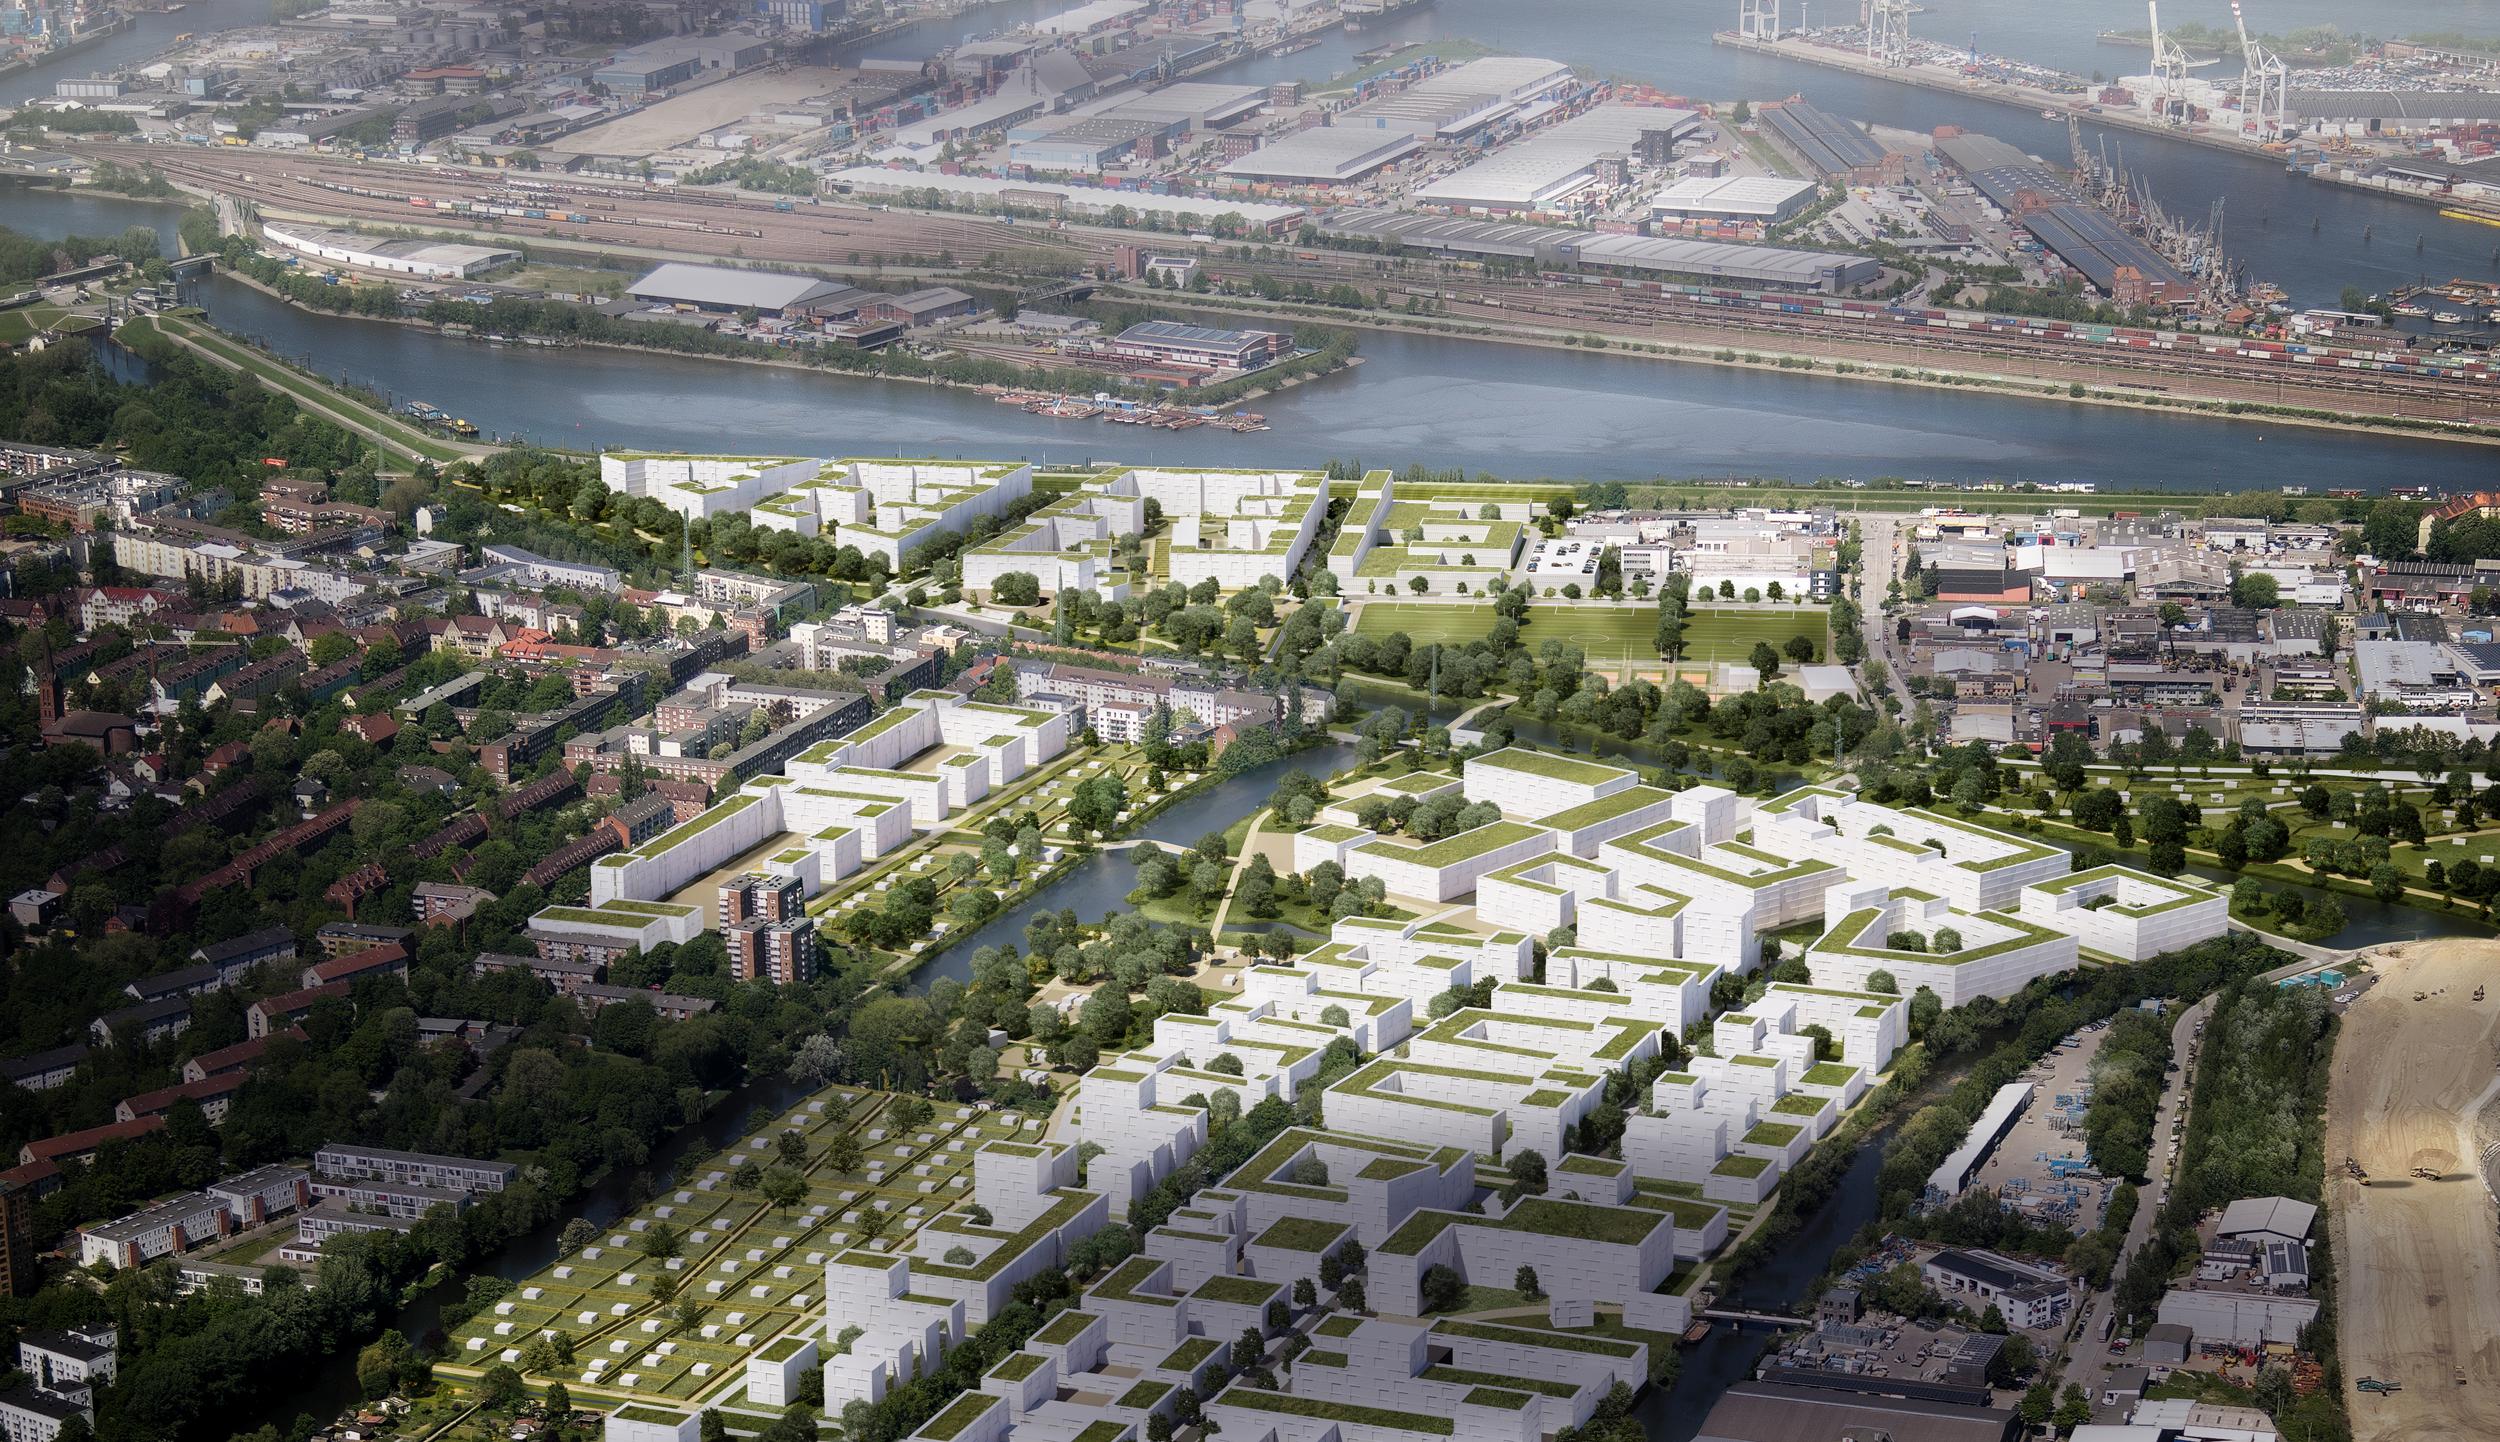 Luftbildvisualisierung Spreehafenviertel und Elbinselquartier